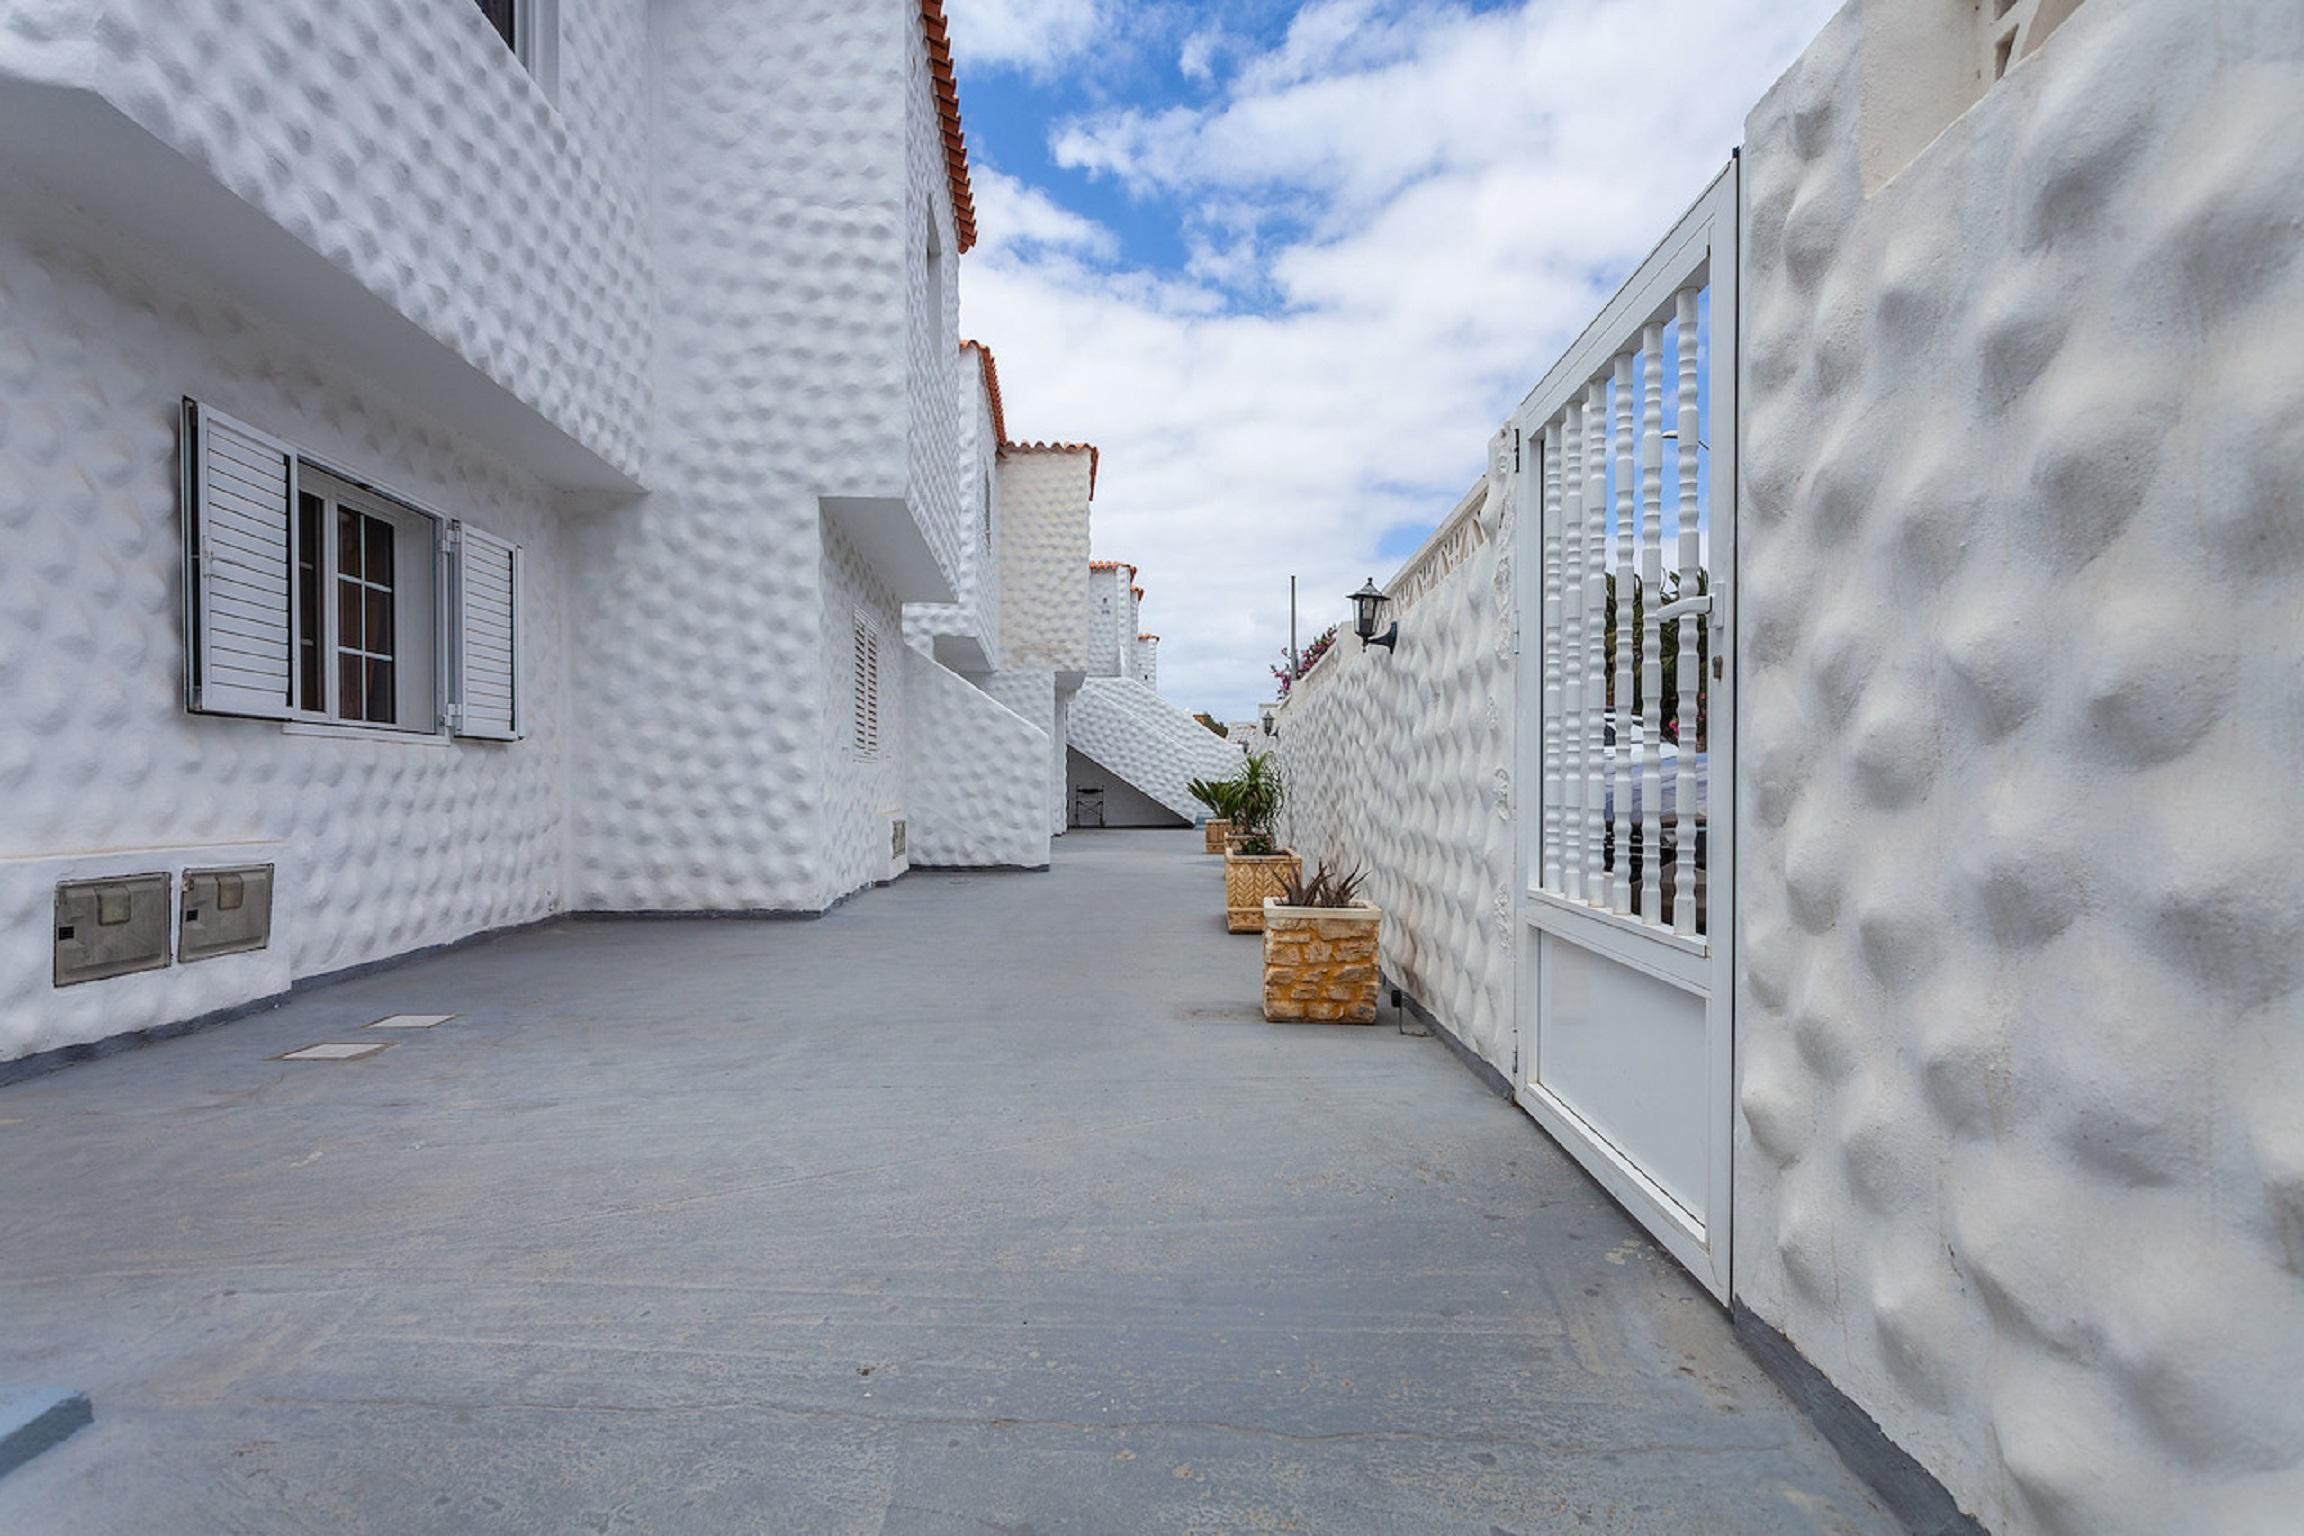 Ferienwohnung Apartment in Strandnhe mit groer Terrasse, Wlan und Parkplatz (2628896), Costa Calma, Fuerteventura, Kanarische Inseln, Spanien, Bild 24